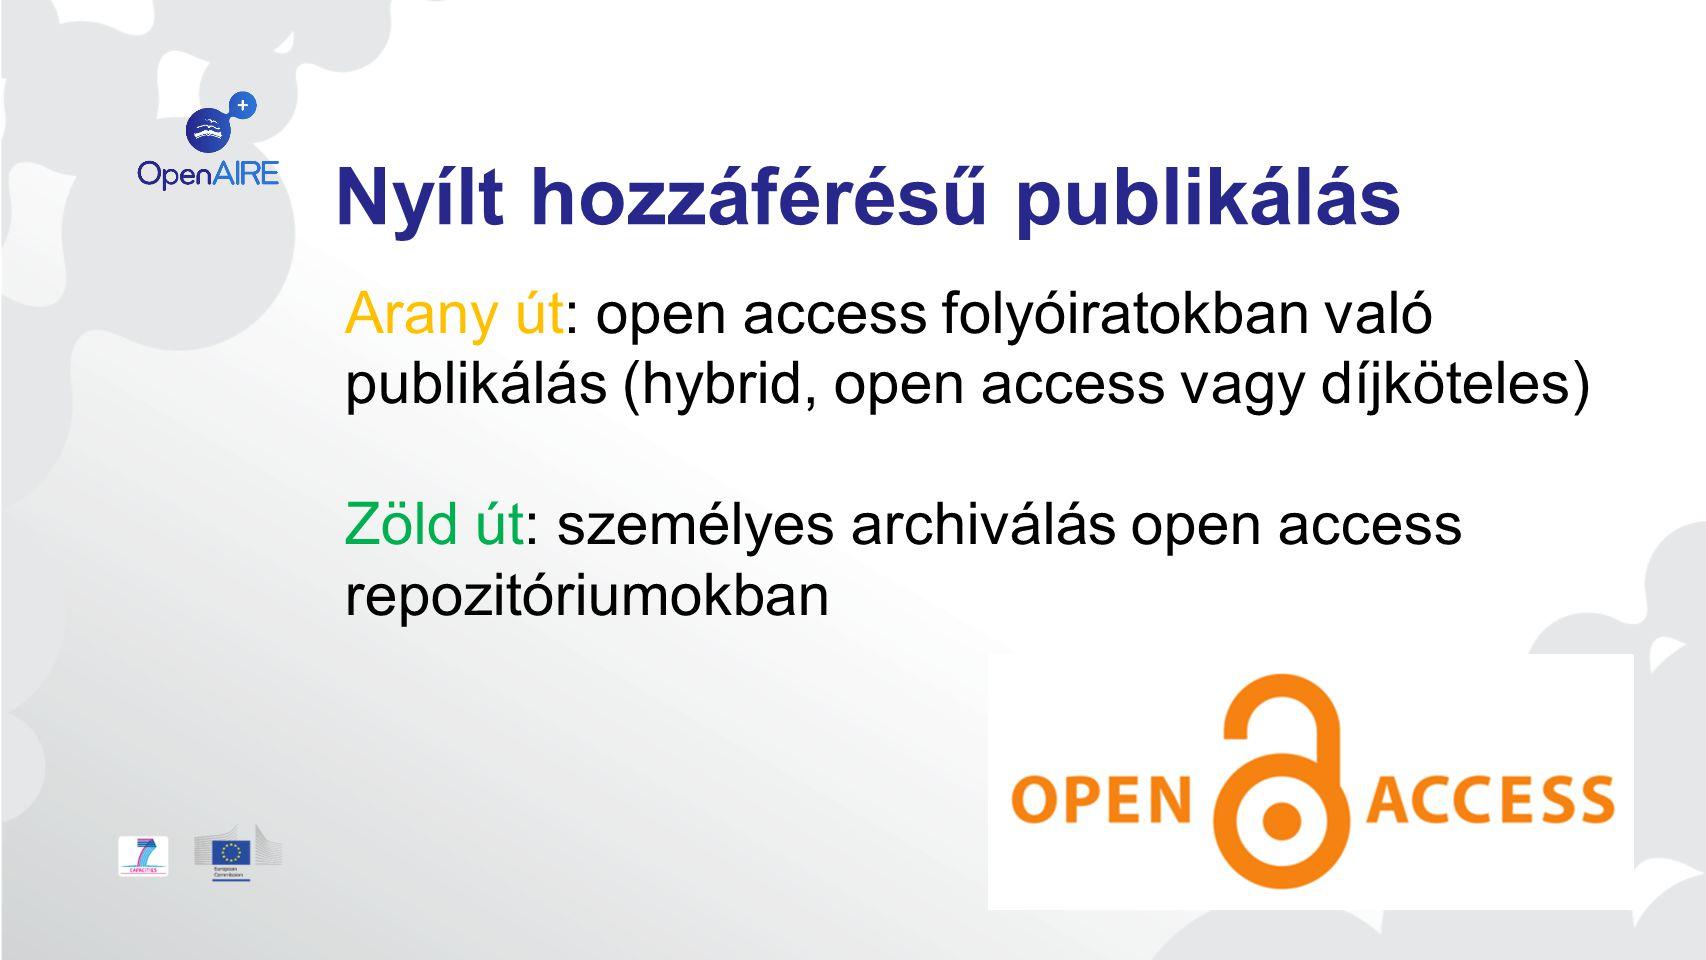 Nyílt hozzáférésű publikálás